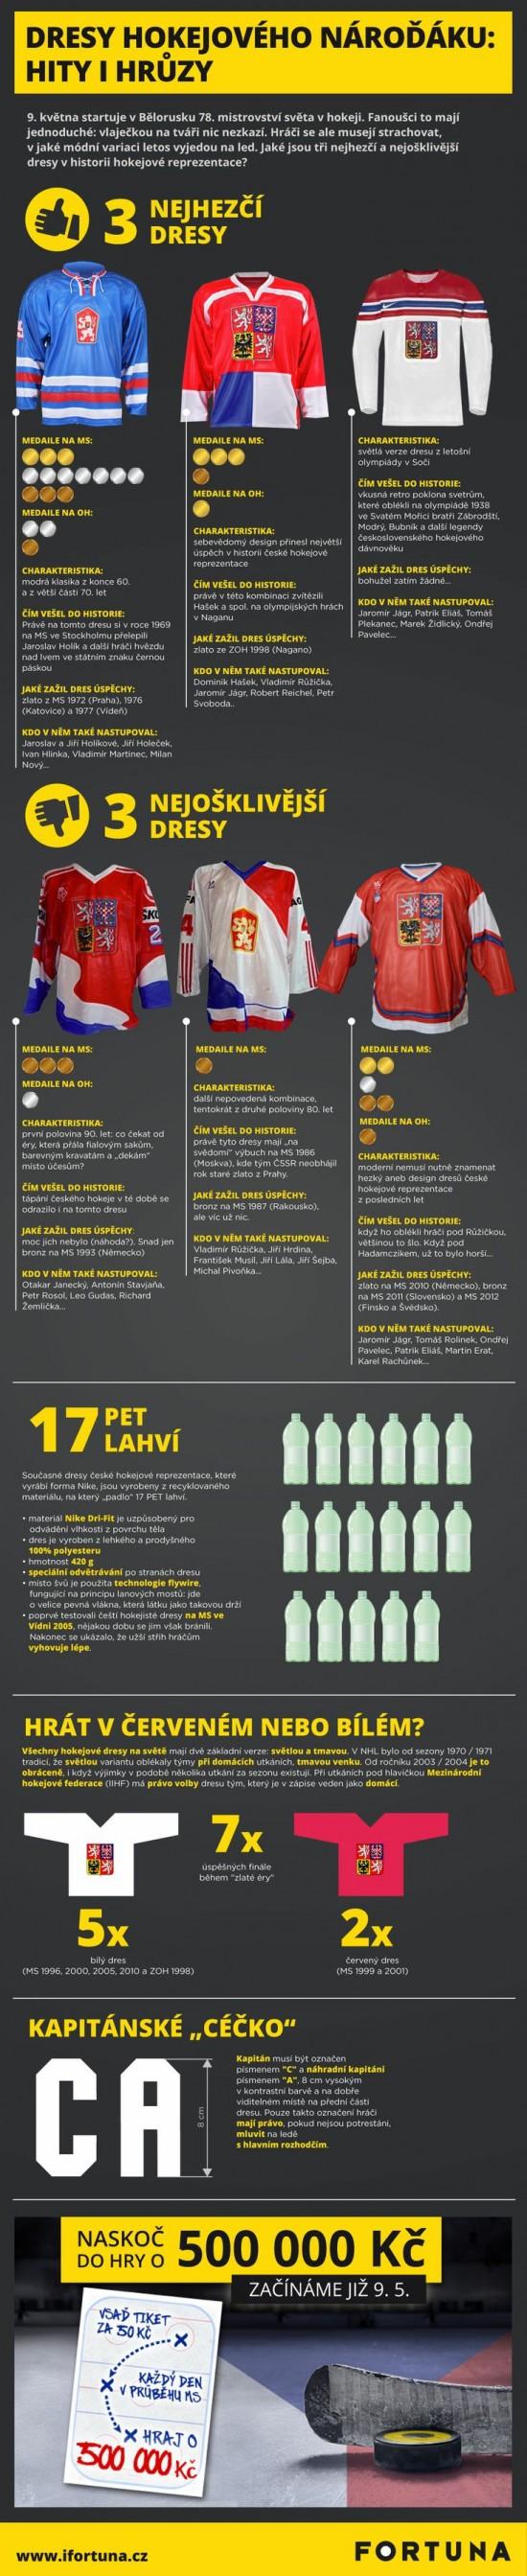 Dresy hokejového nároďáku - infografika